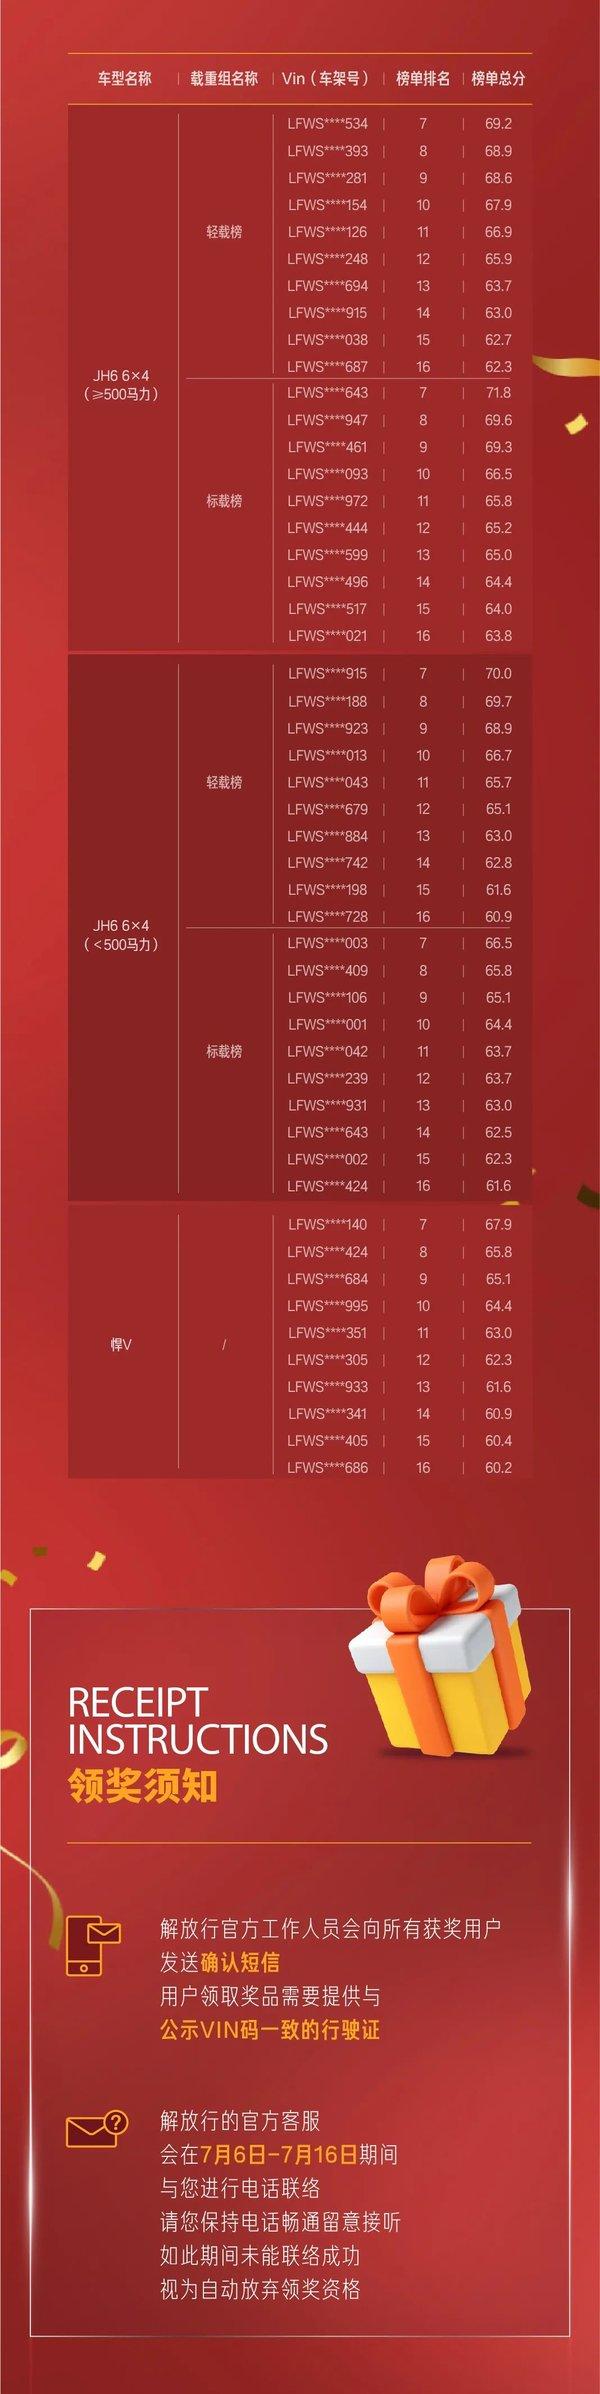 卡友必看TCO挑战赛粽情季获奖榜单公布